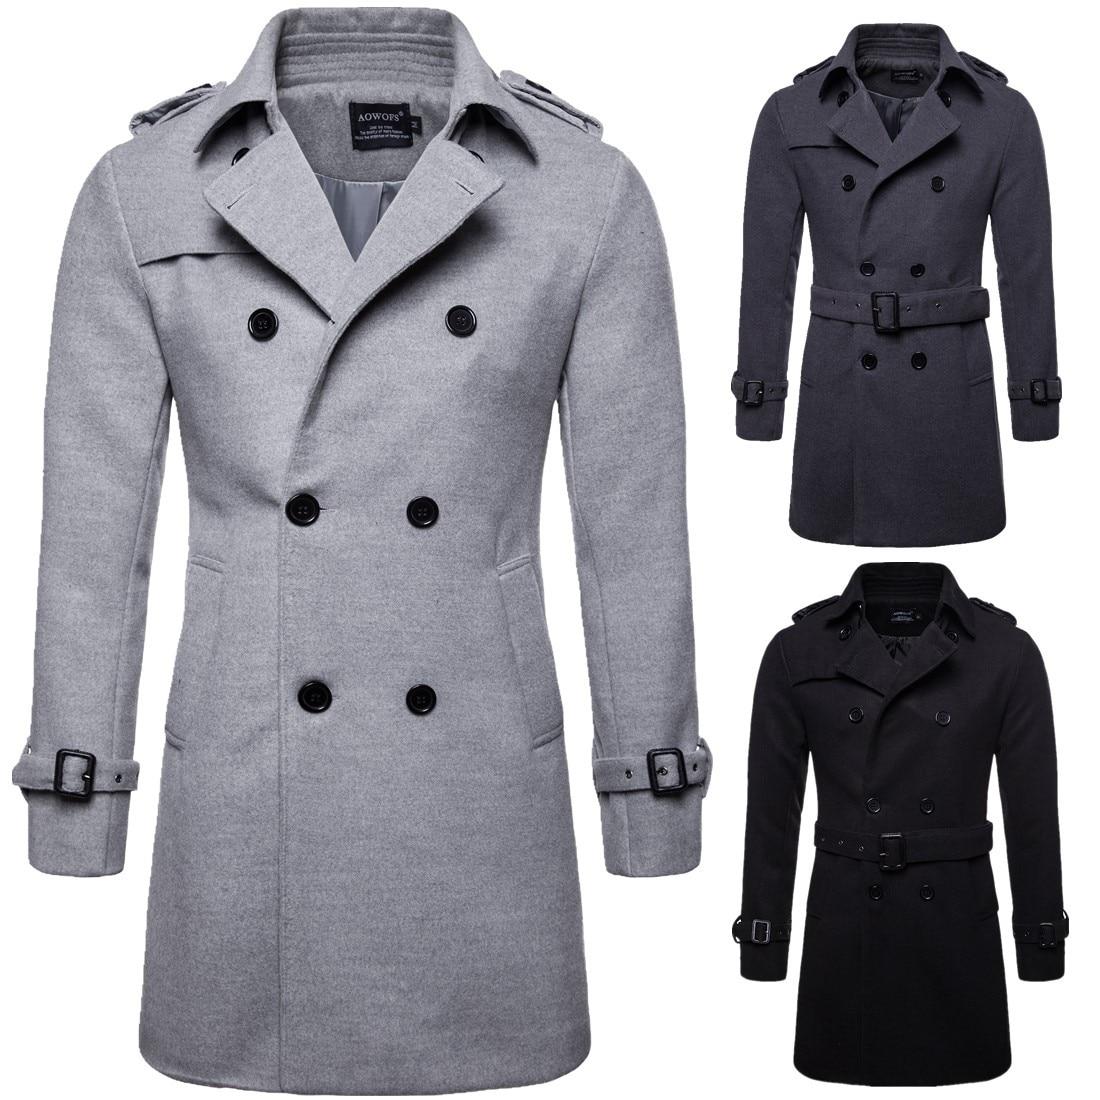 Ветровка мужская, новая, большого размера, длинное, шерстяное пальто, Европейский код, материал, ветровка, мужская куртка, ветровка B050